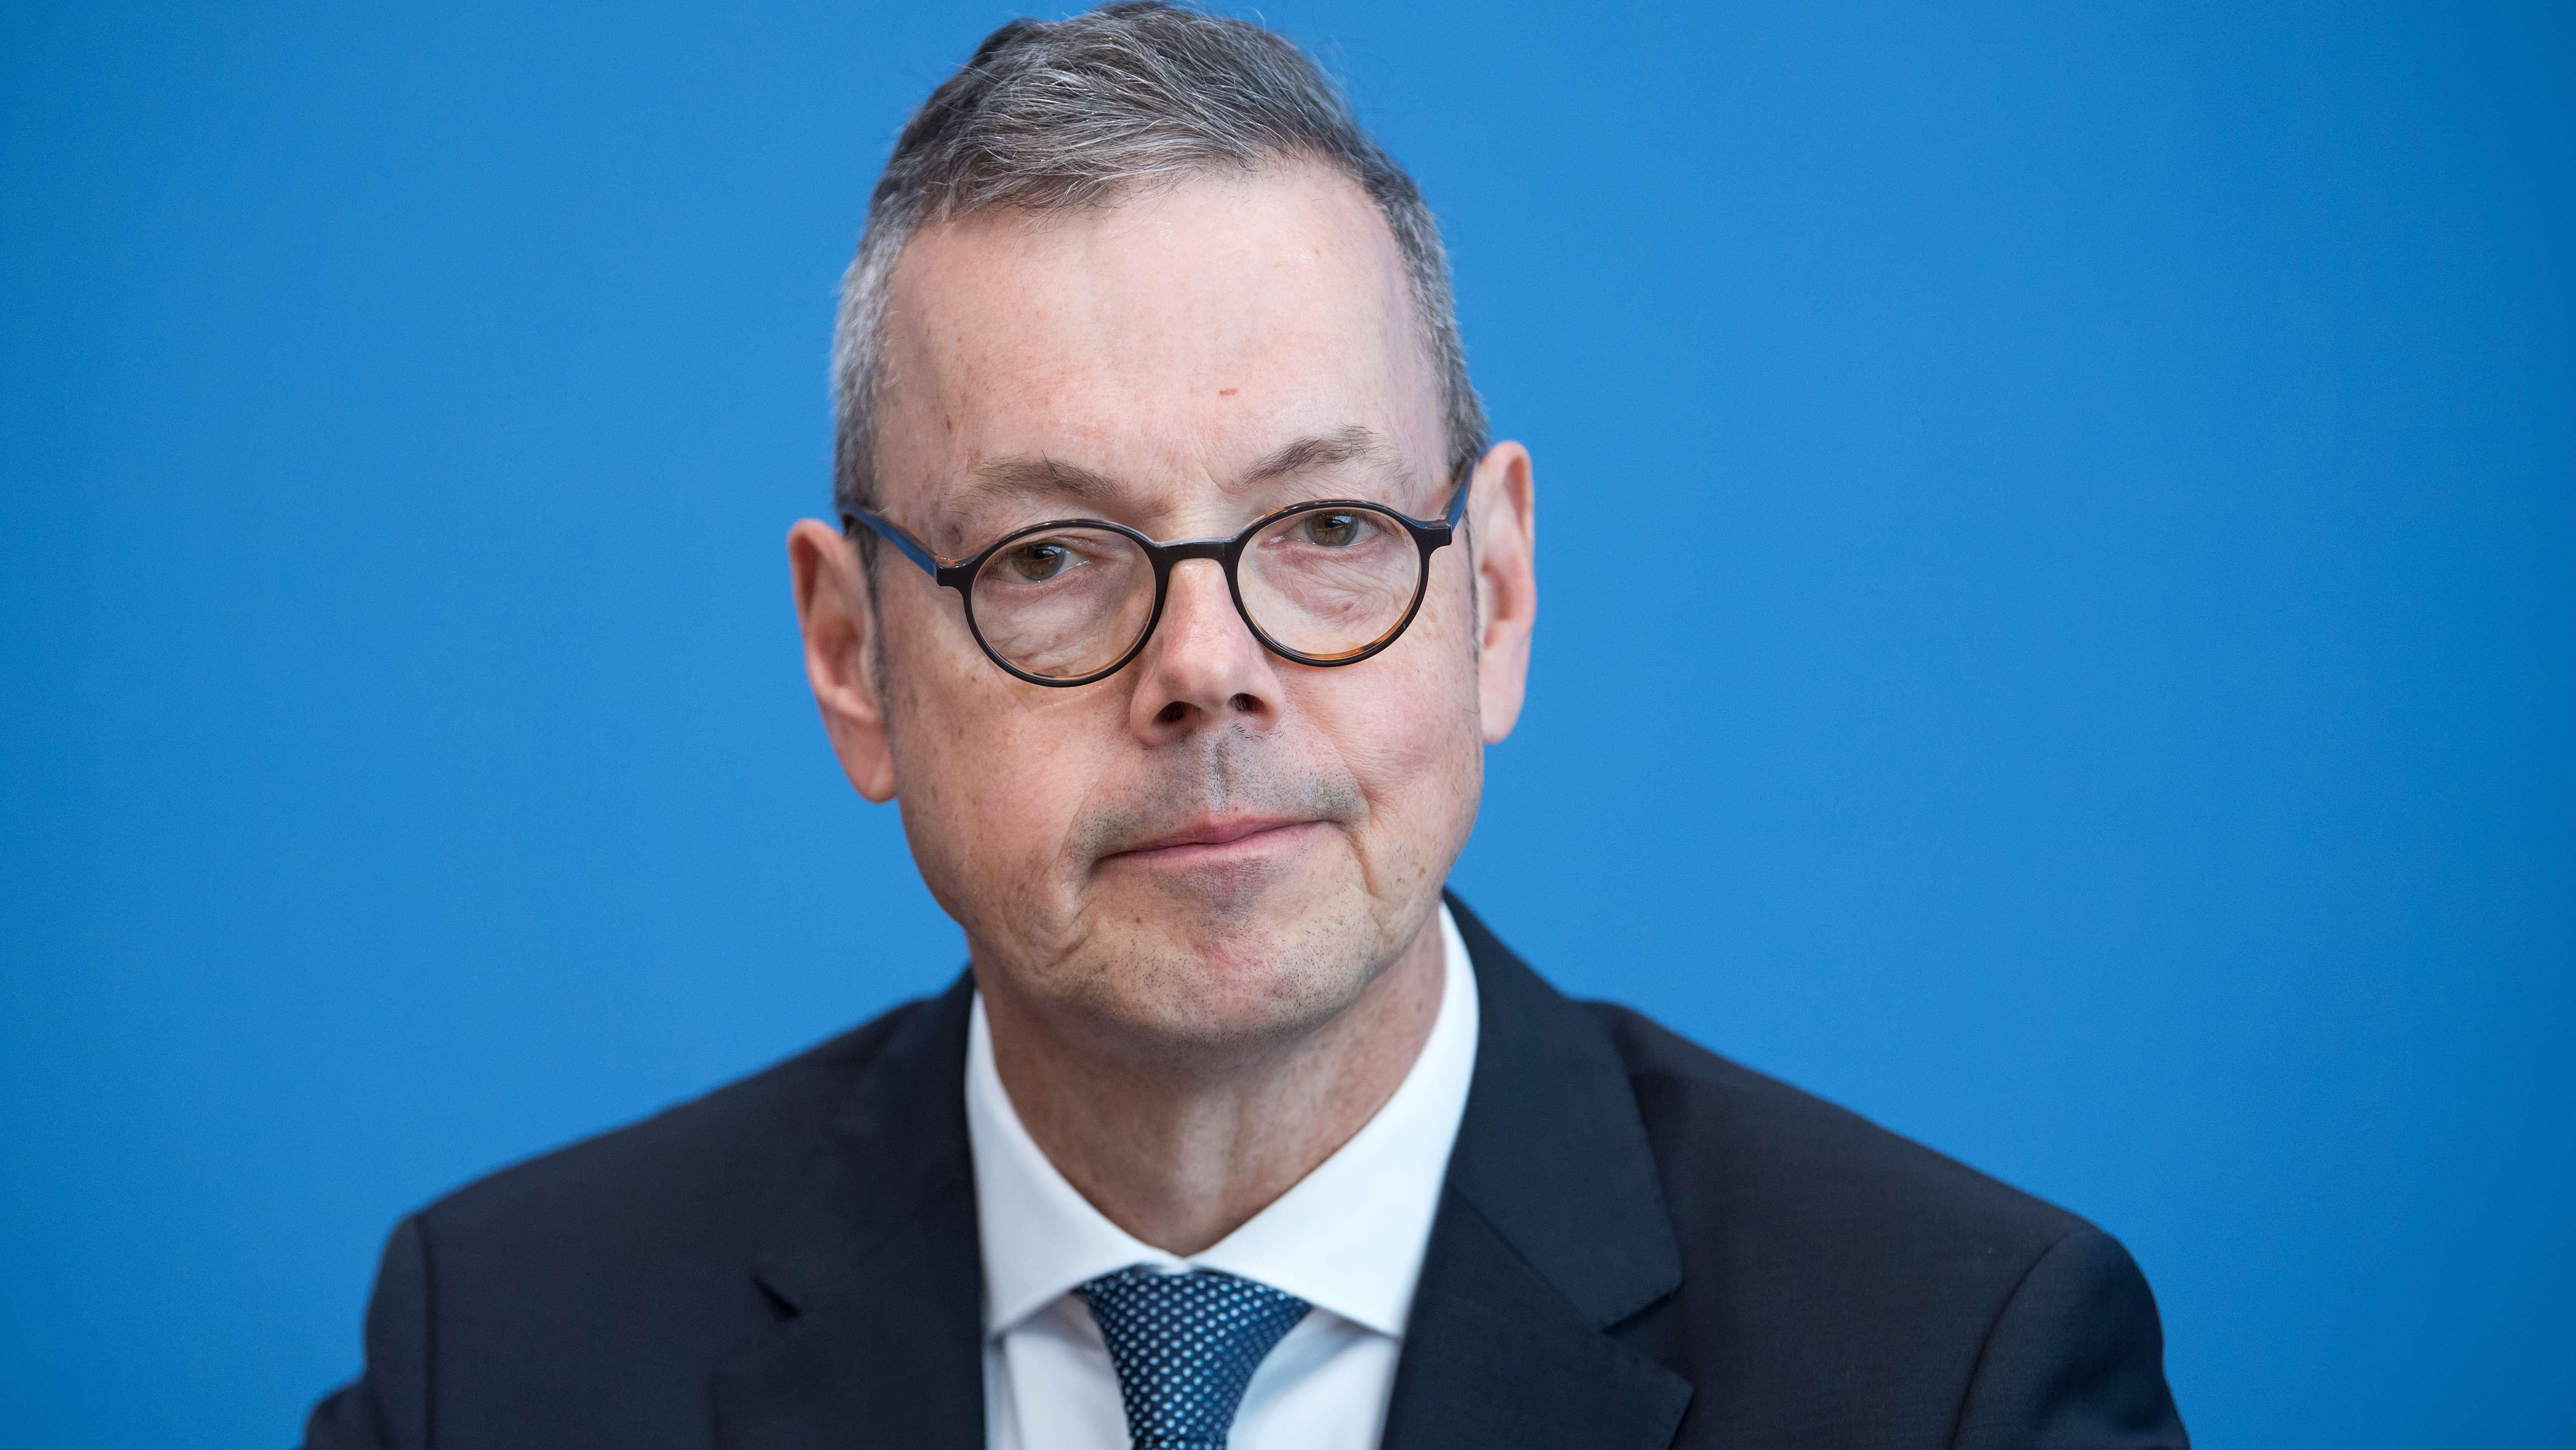 Peter Bofinger, Professor für Volkswirtschaft an der Uni Würzburg, war von März 2004 bis Februar 2019 einer der fünf Wirtschaftsweisen